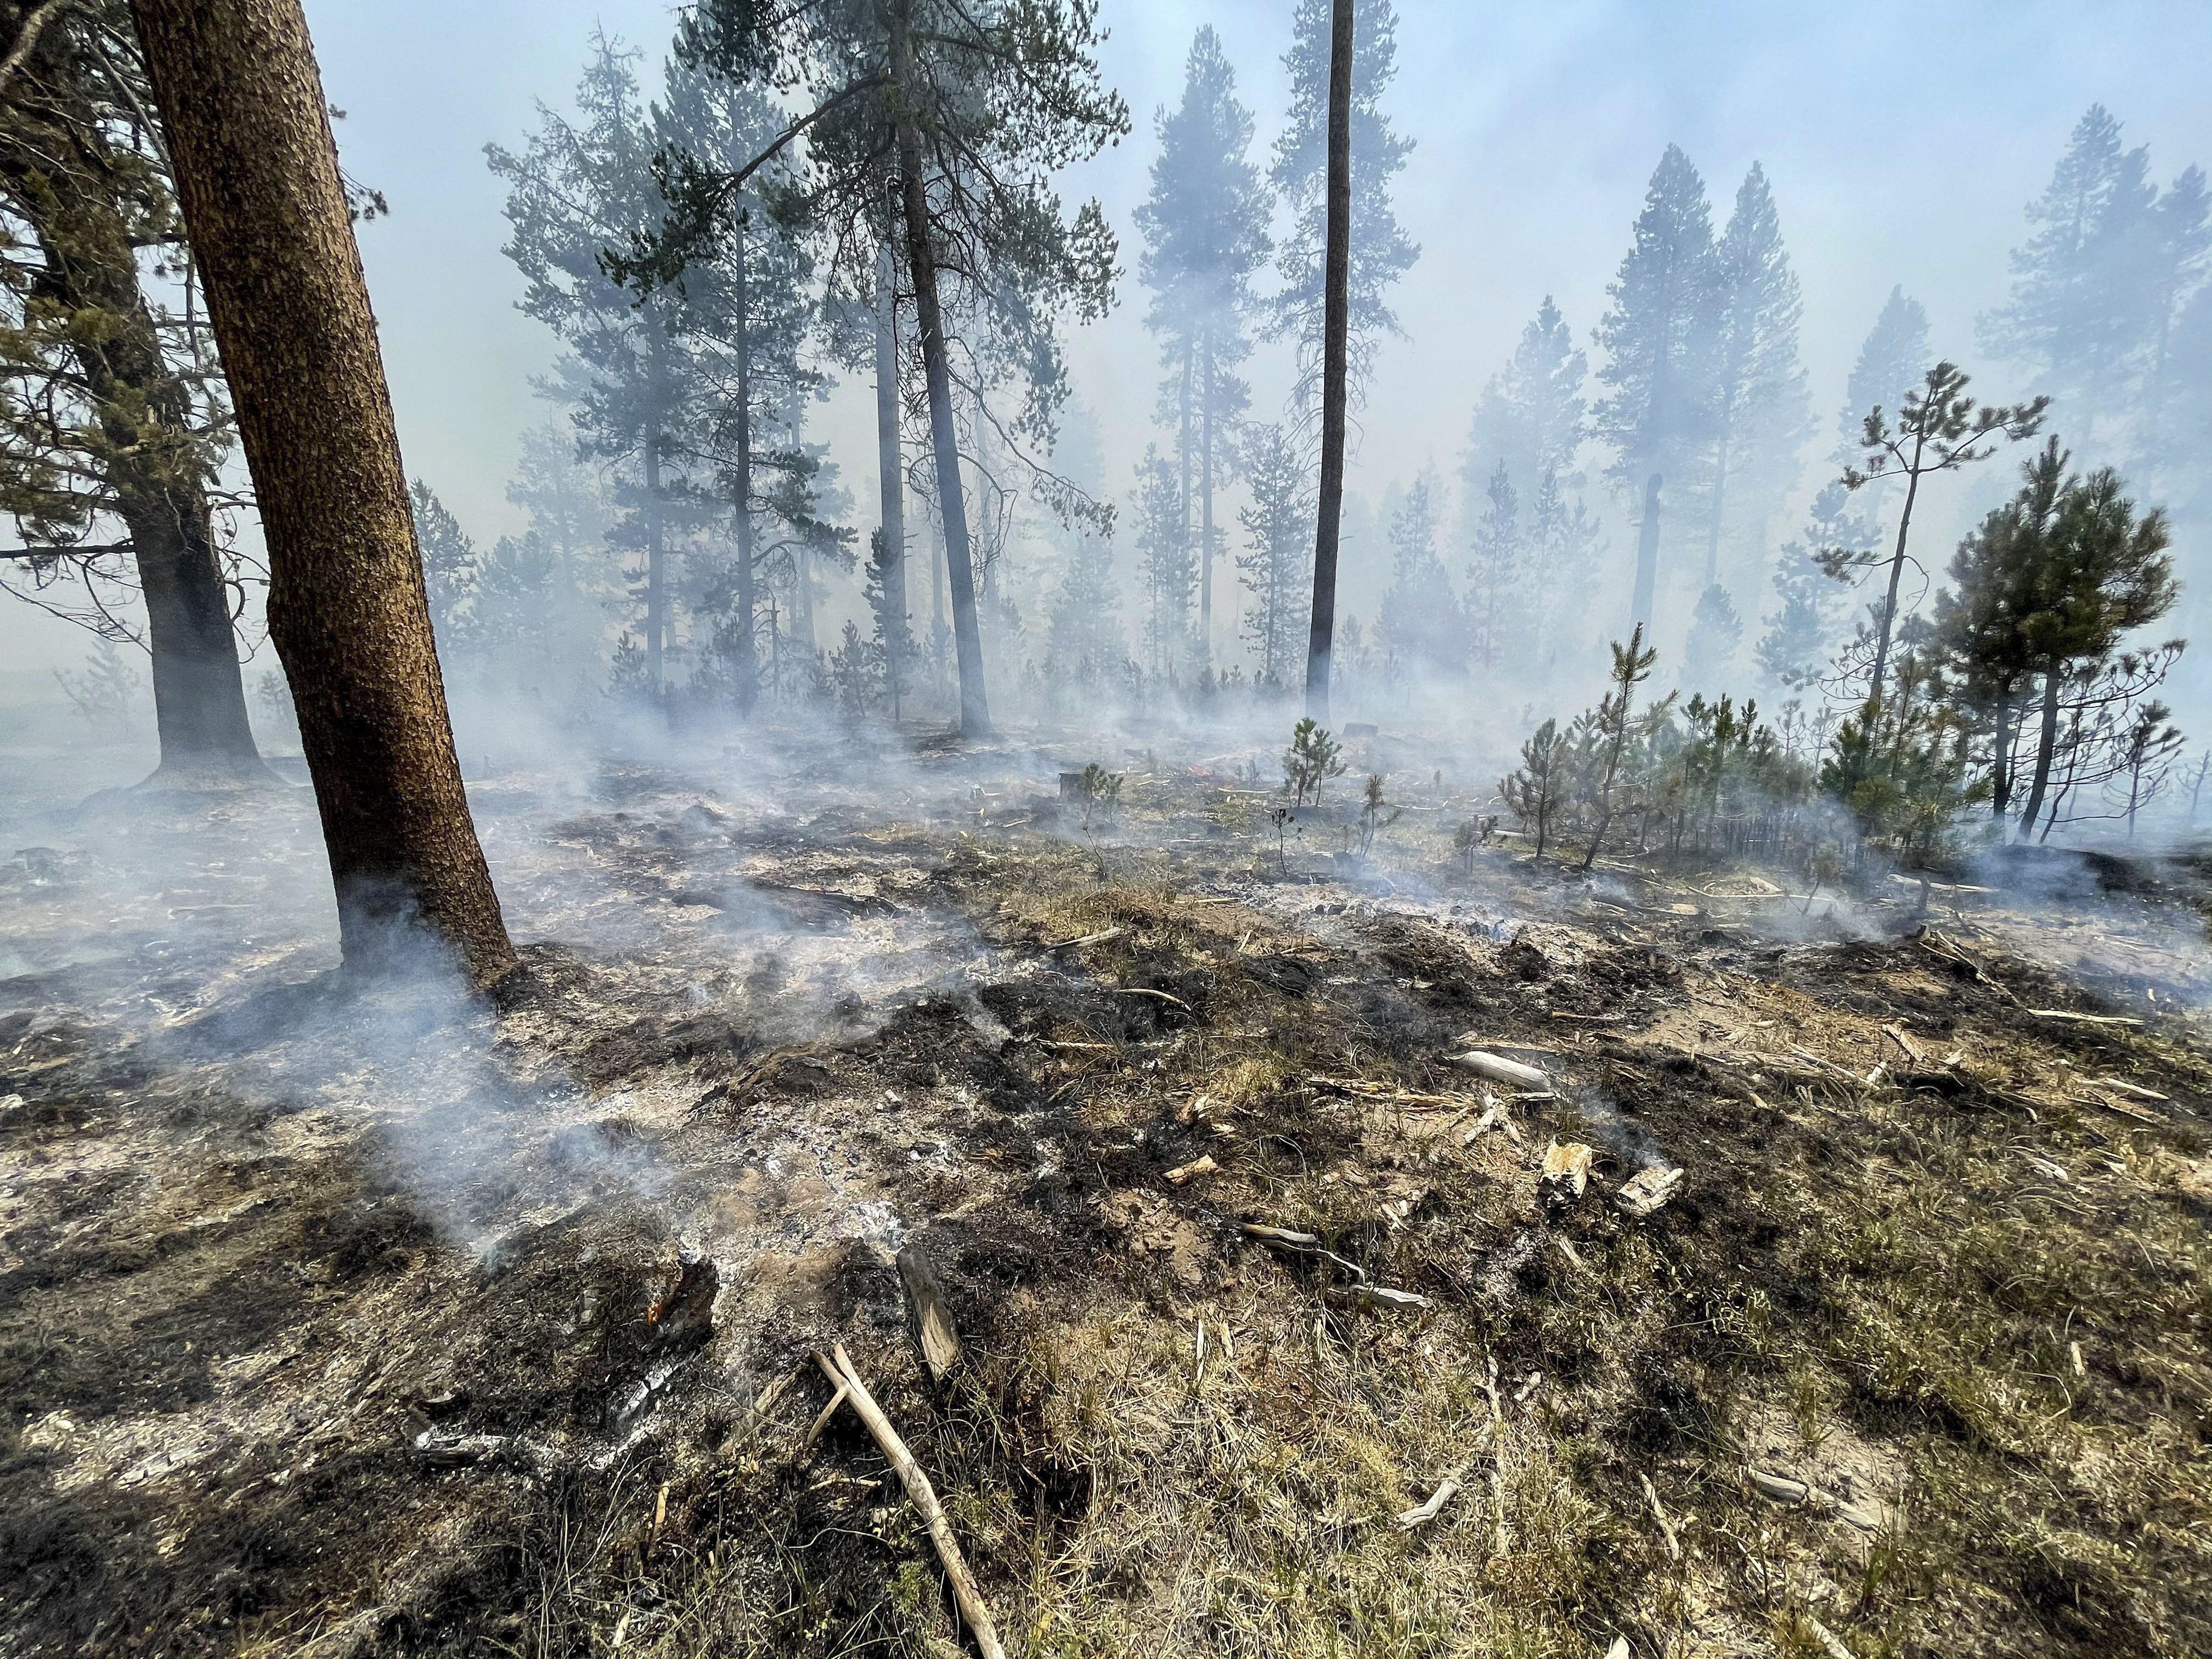 (Foto: Handout / US Forest Service / AFP)